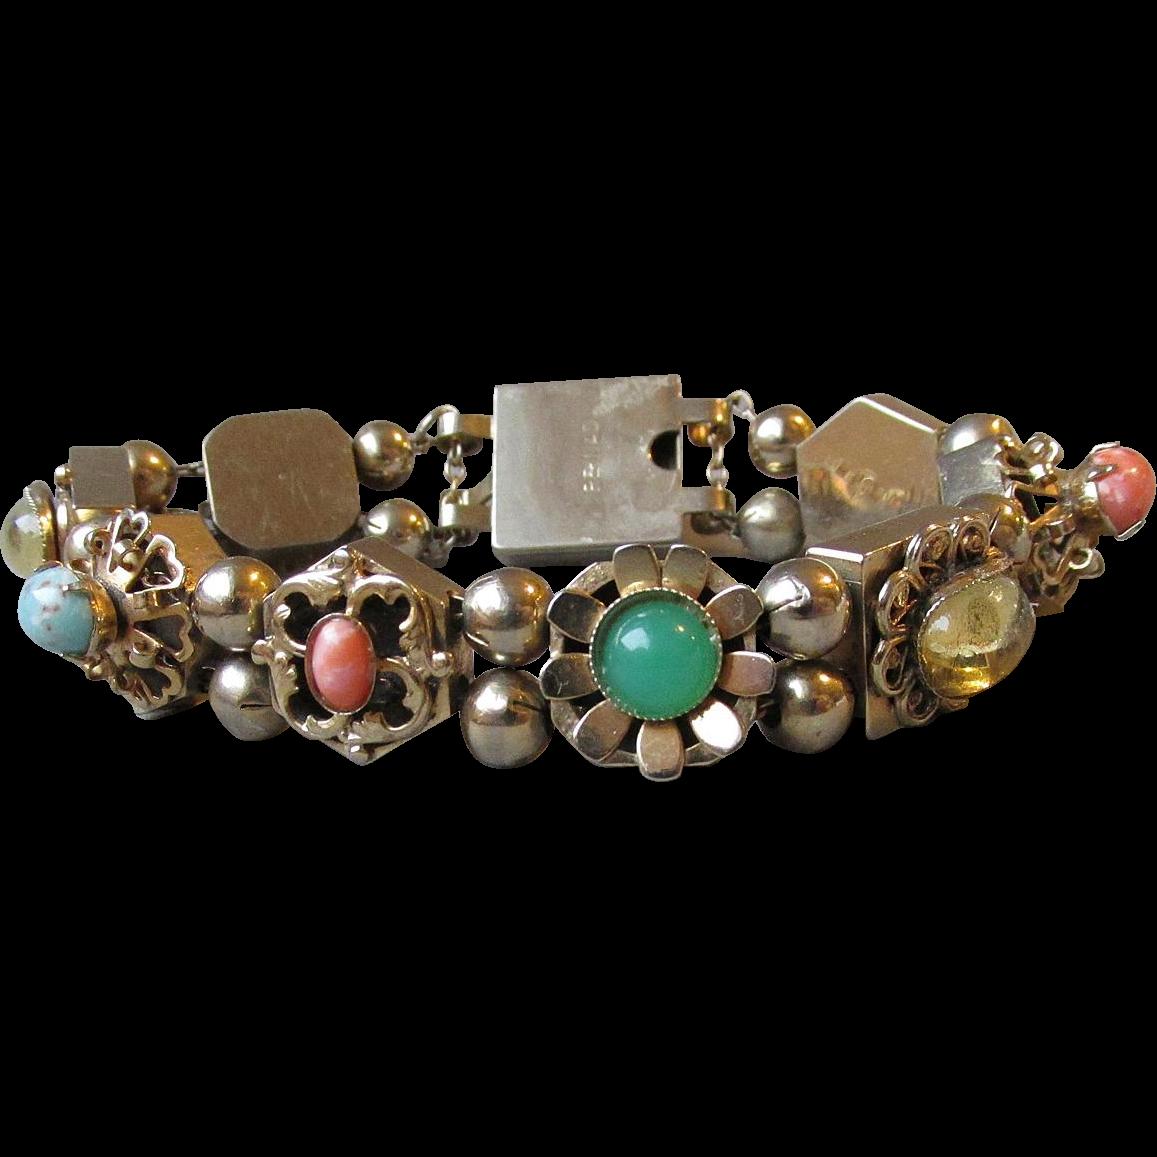 1950 s vintage slide charm bracelet signed reinad from